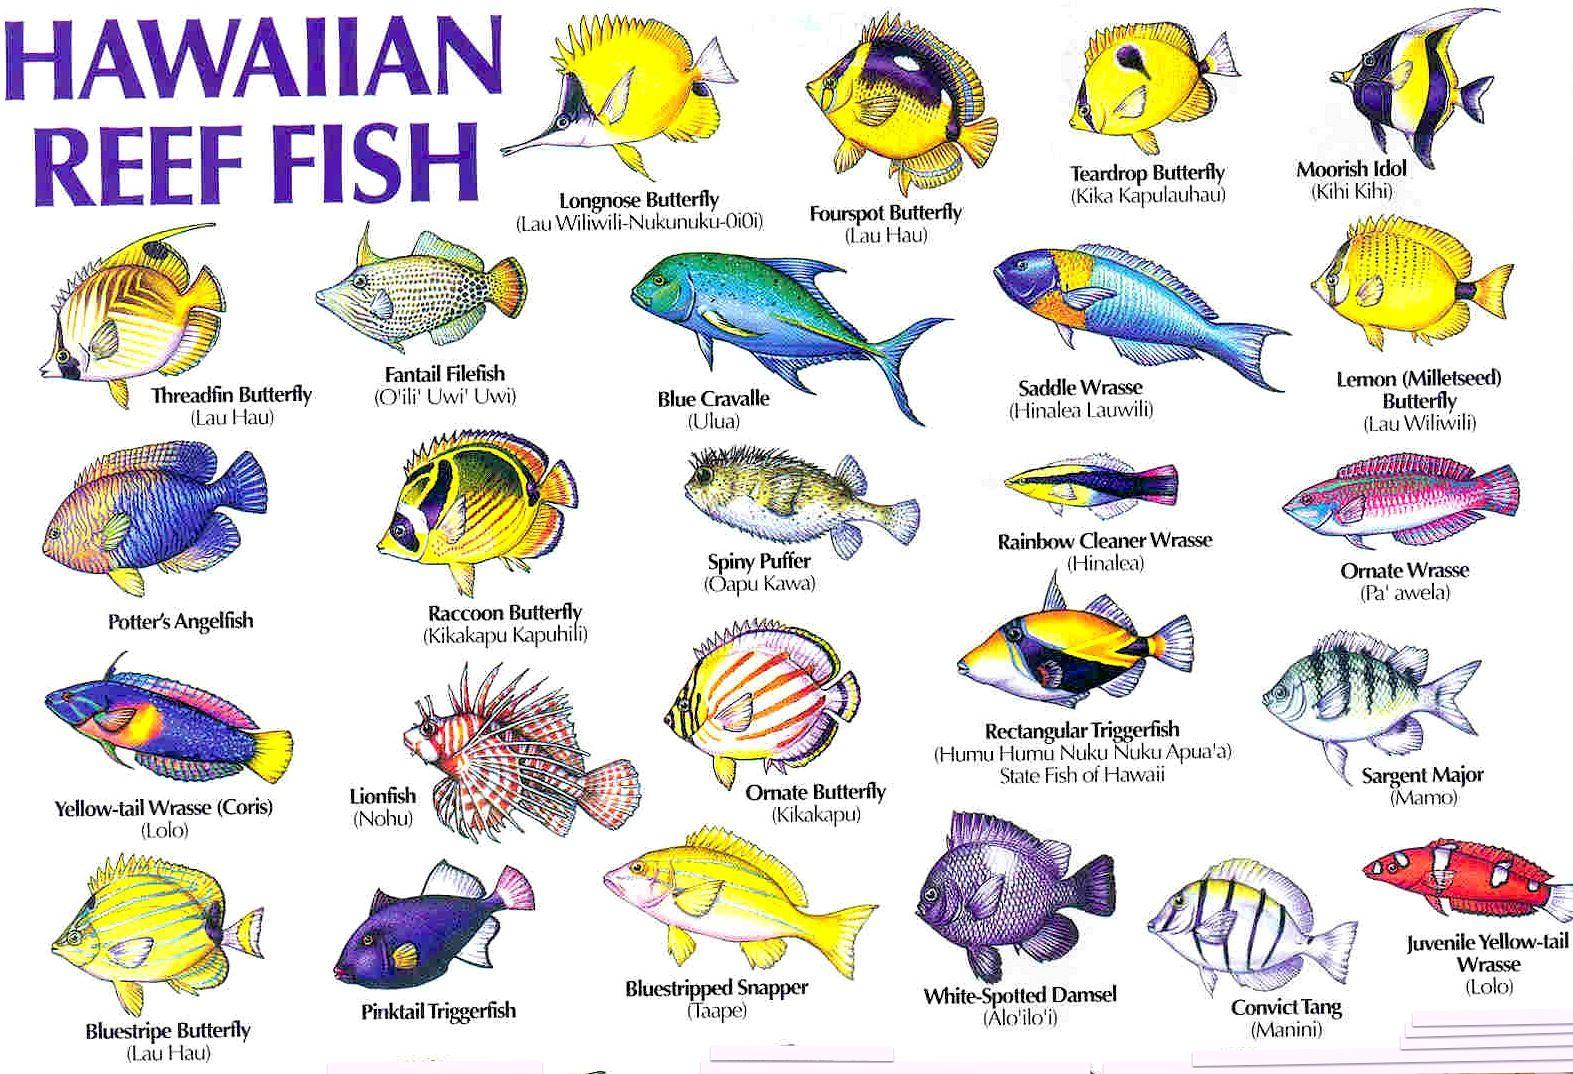 Aloha Joe In Hawaii A Visual Guide To Hawaii S Reef Fish Tropical Fish Fish Illustration Fish